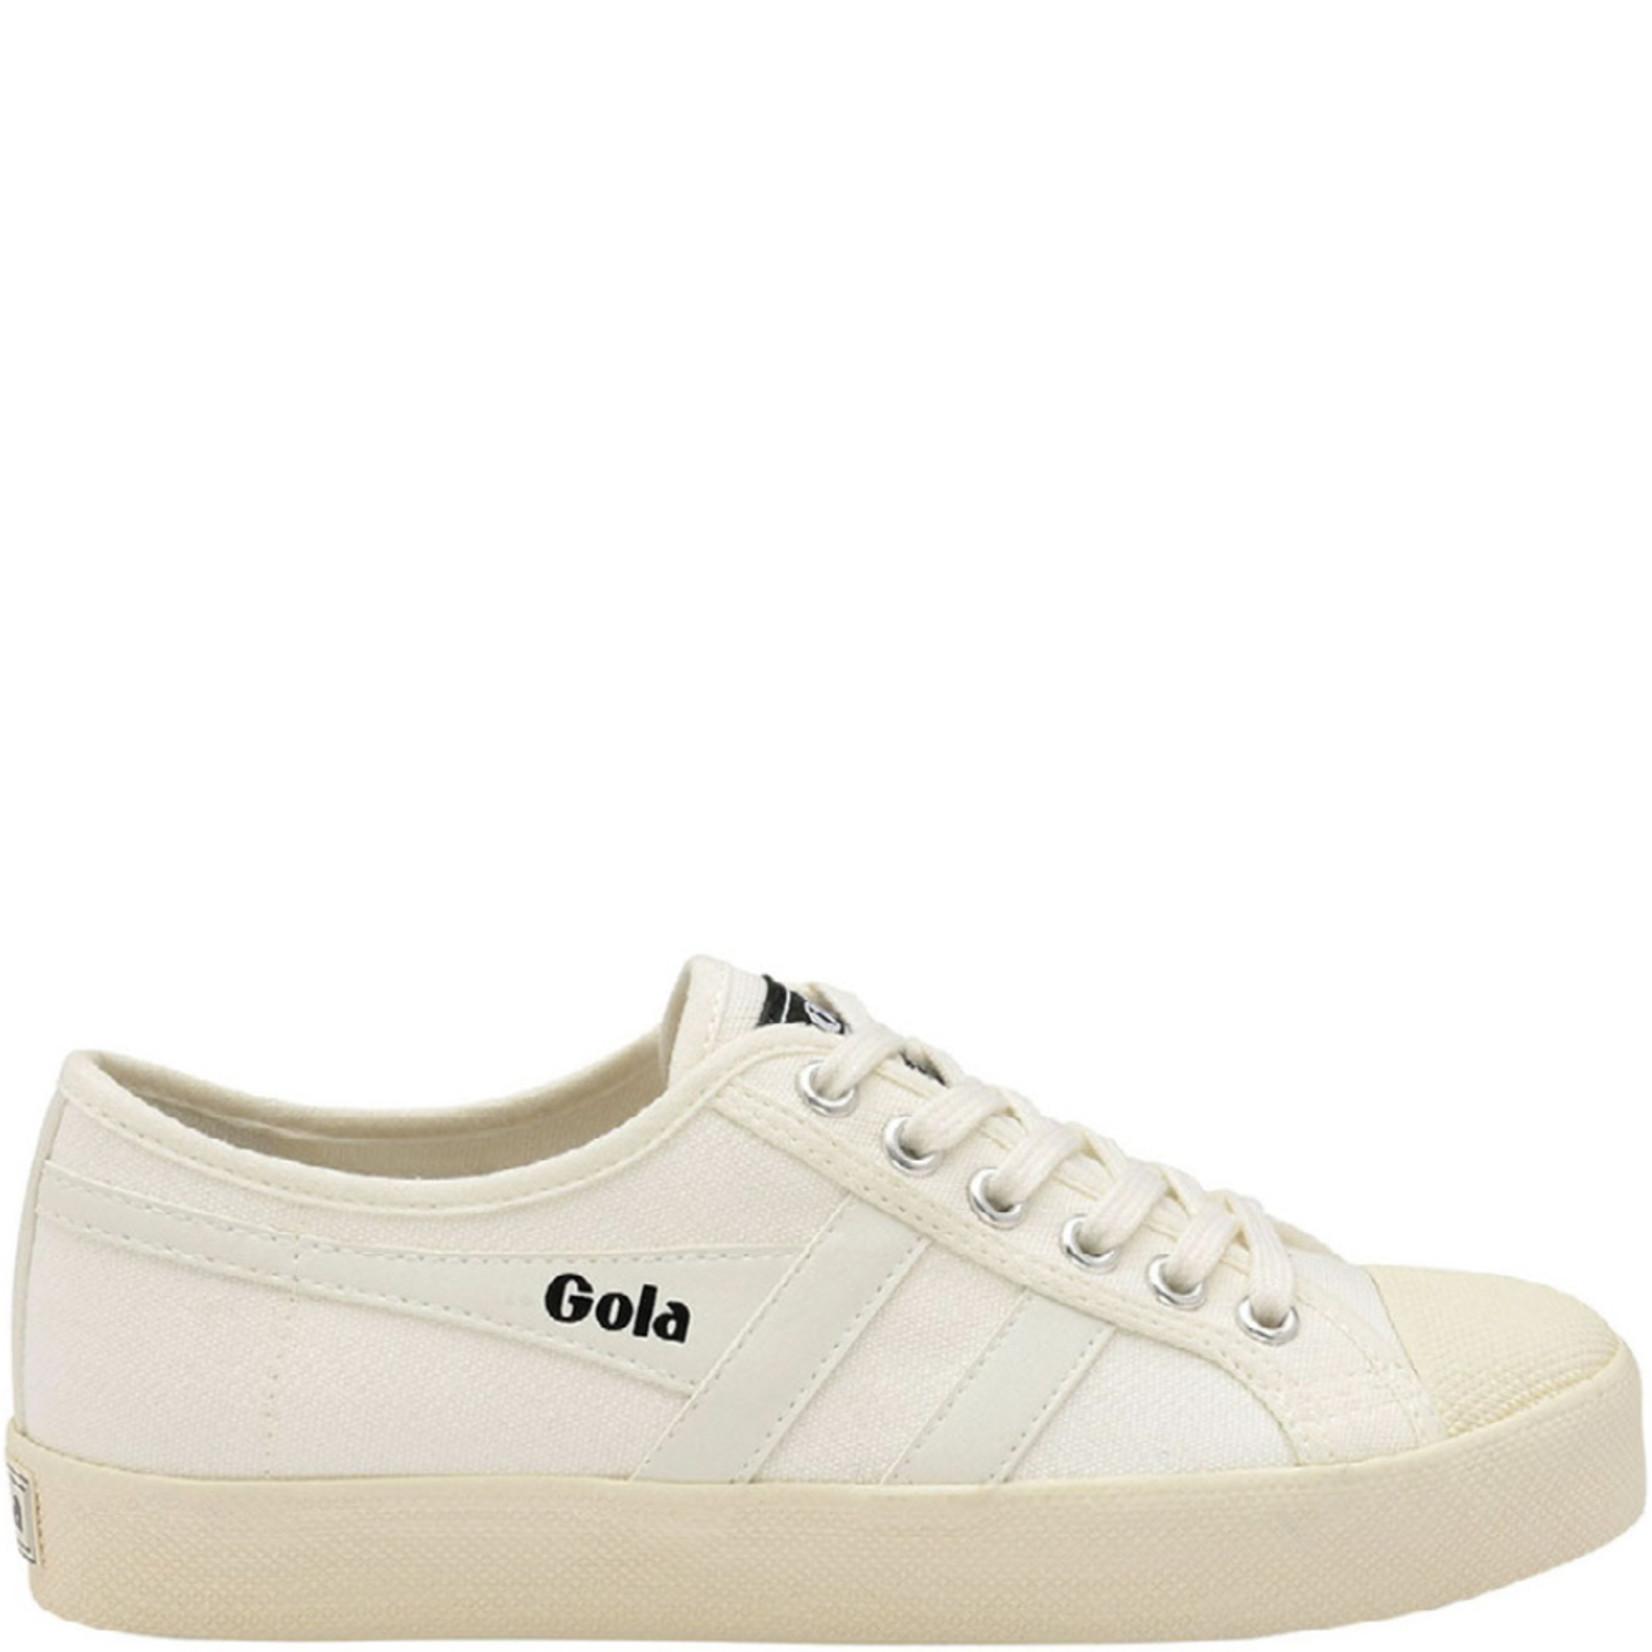 Gola Coaster Of White